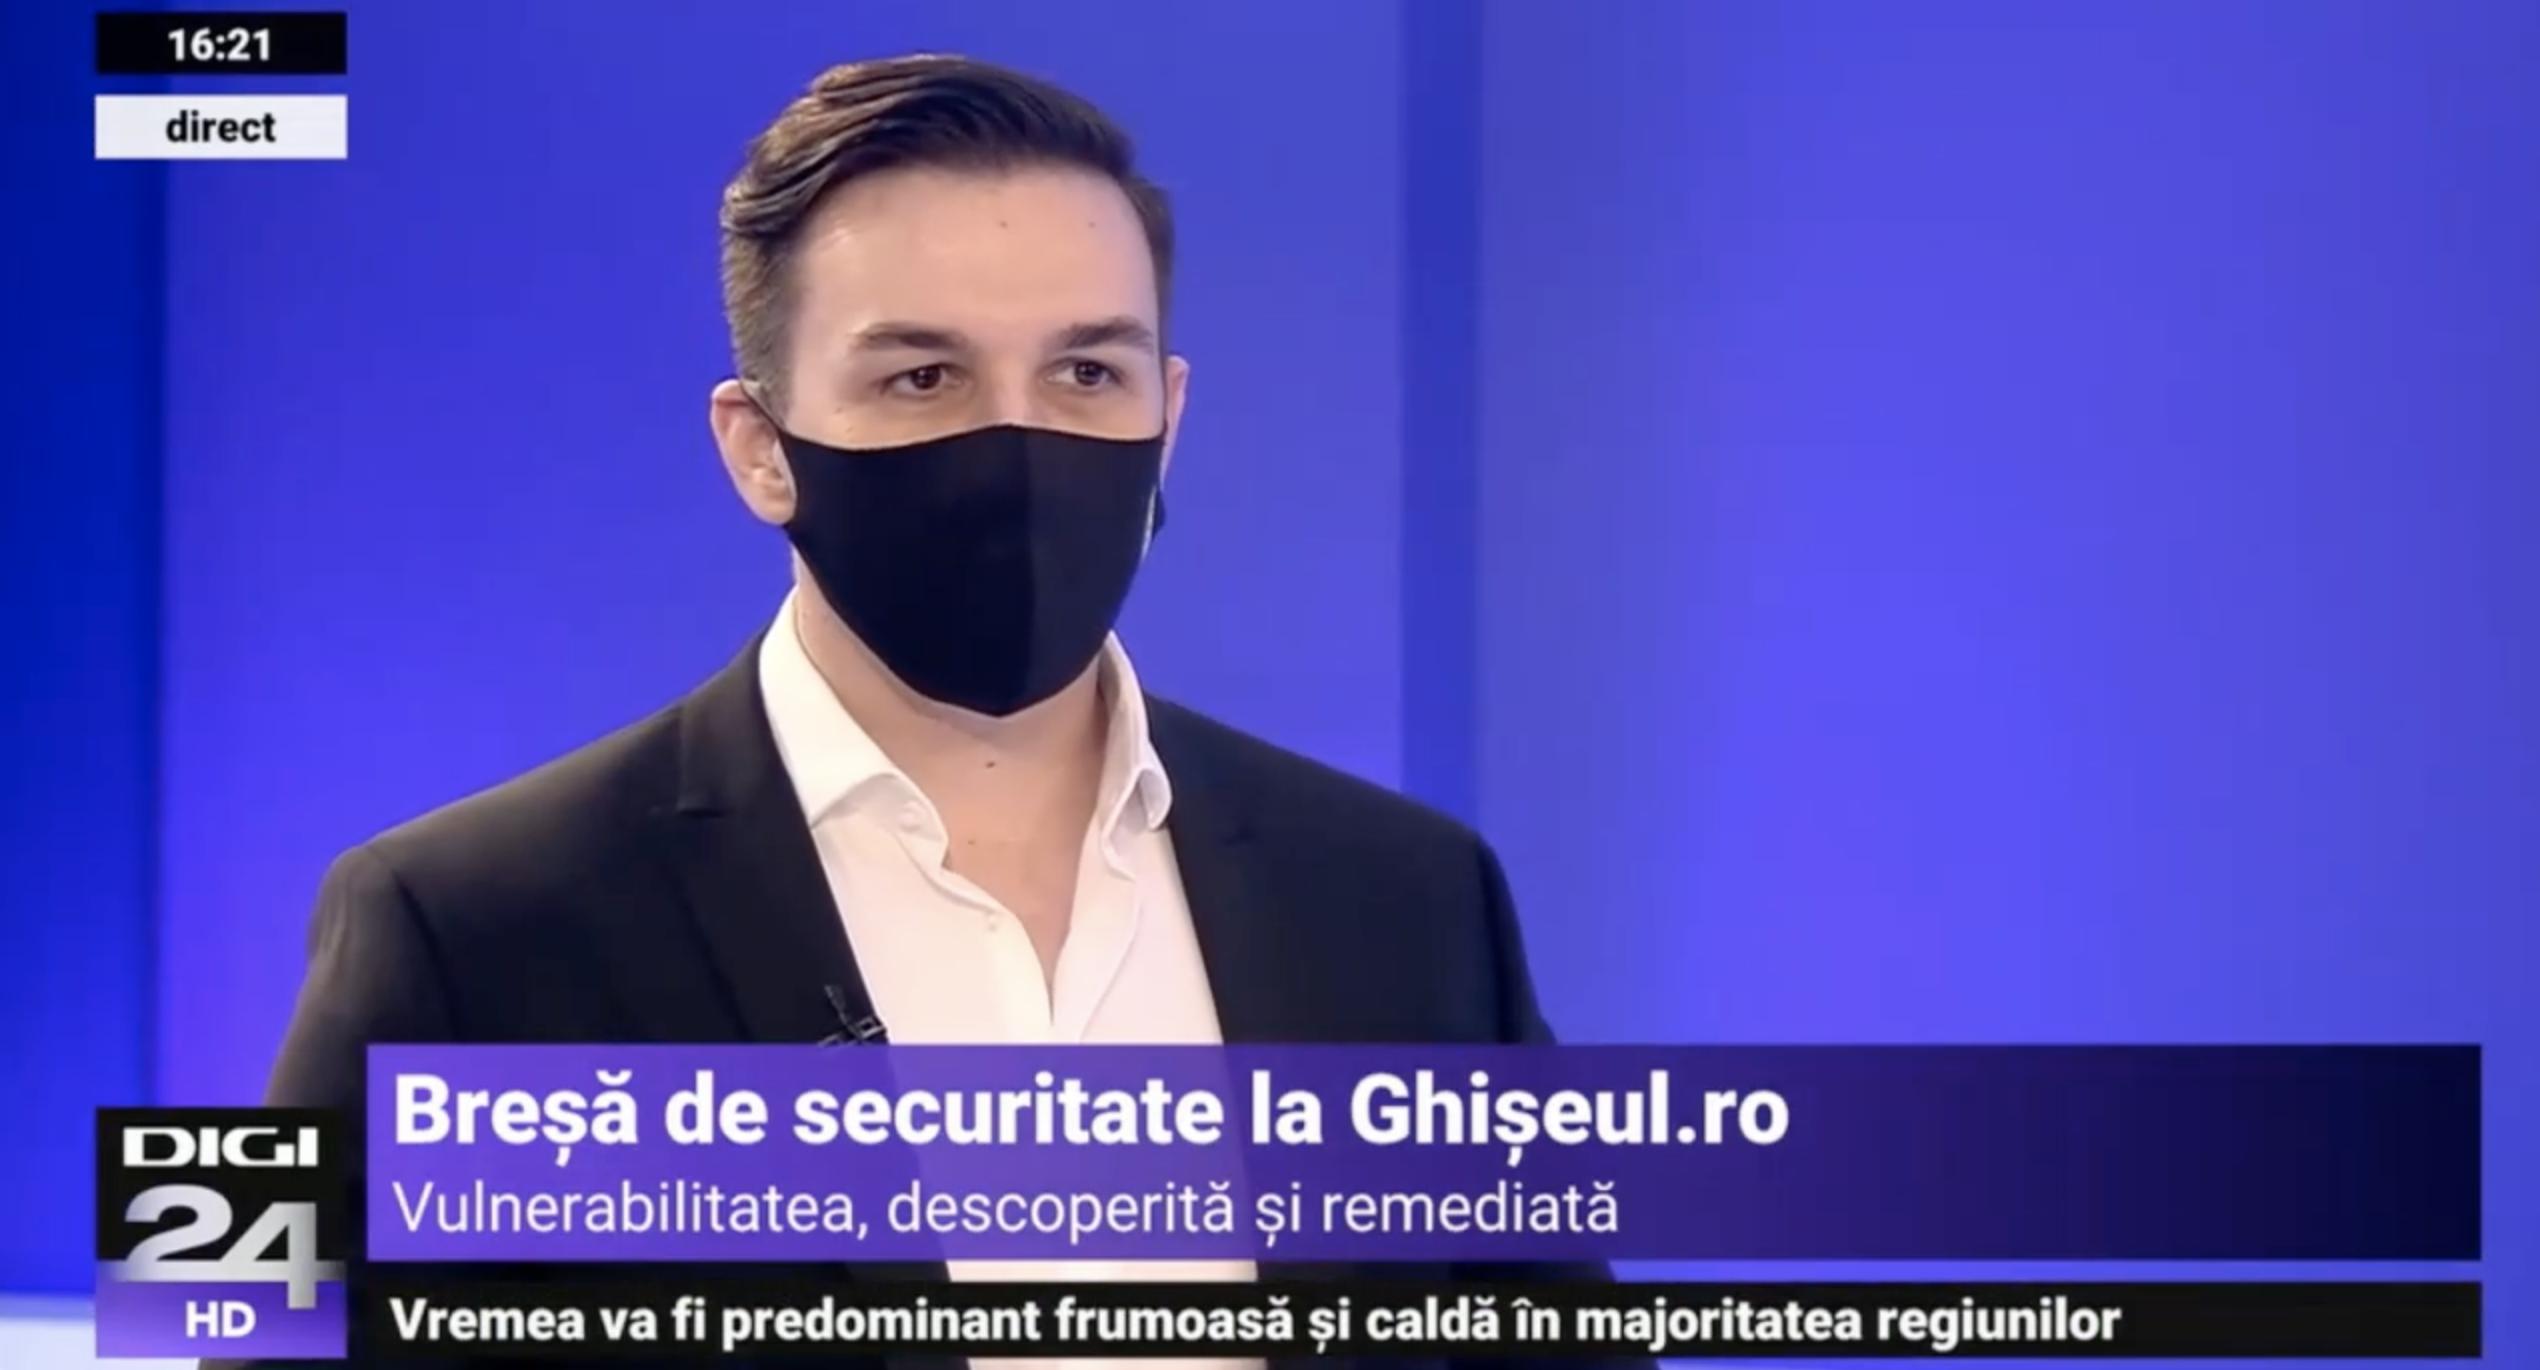 Digi24 | Breșă de securitate Ghișeul.ro, descoperită și remediată